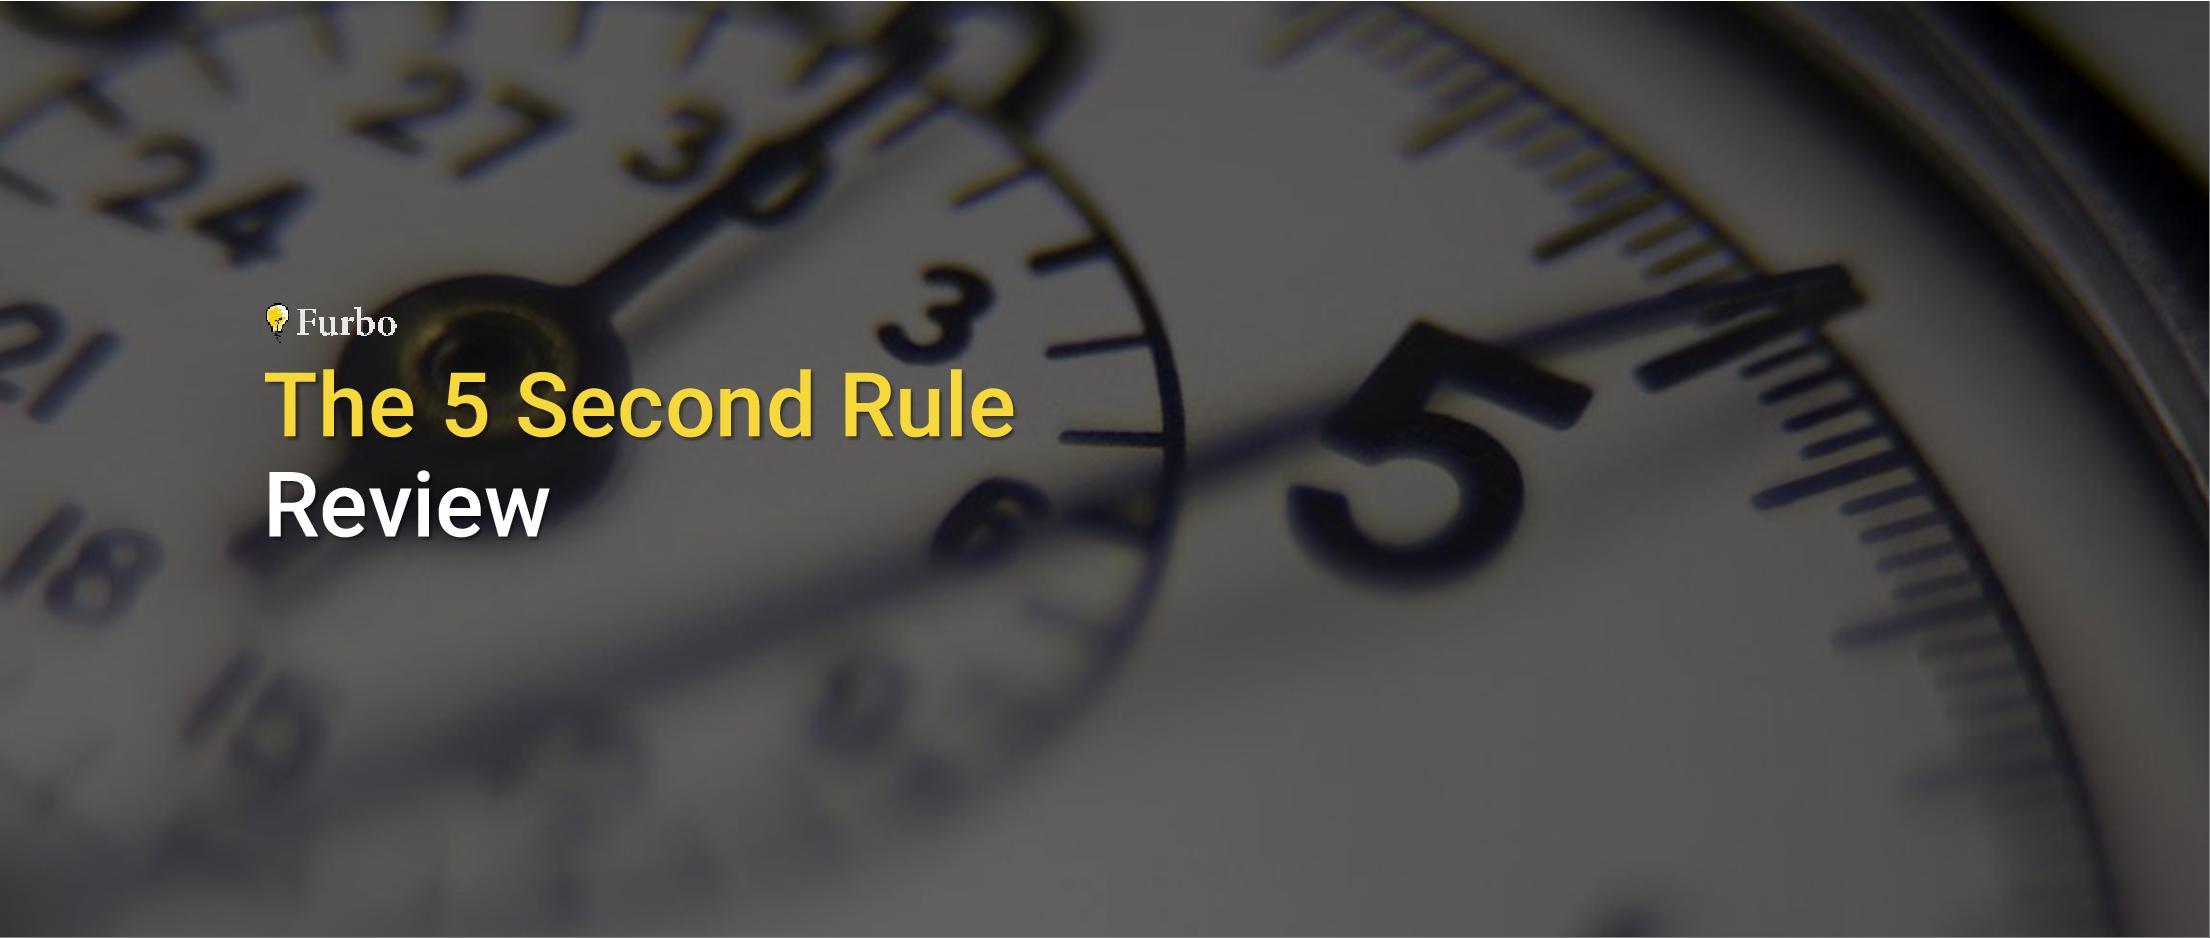 پادکست بررسی کتاب «قانون 5 ثانیه» مِل رابینز